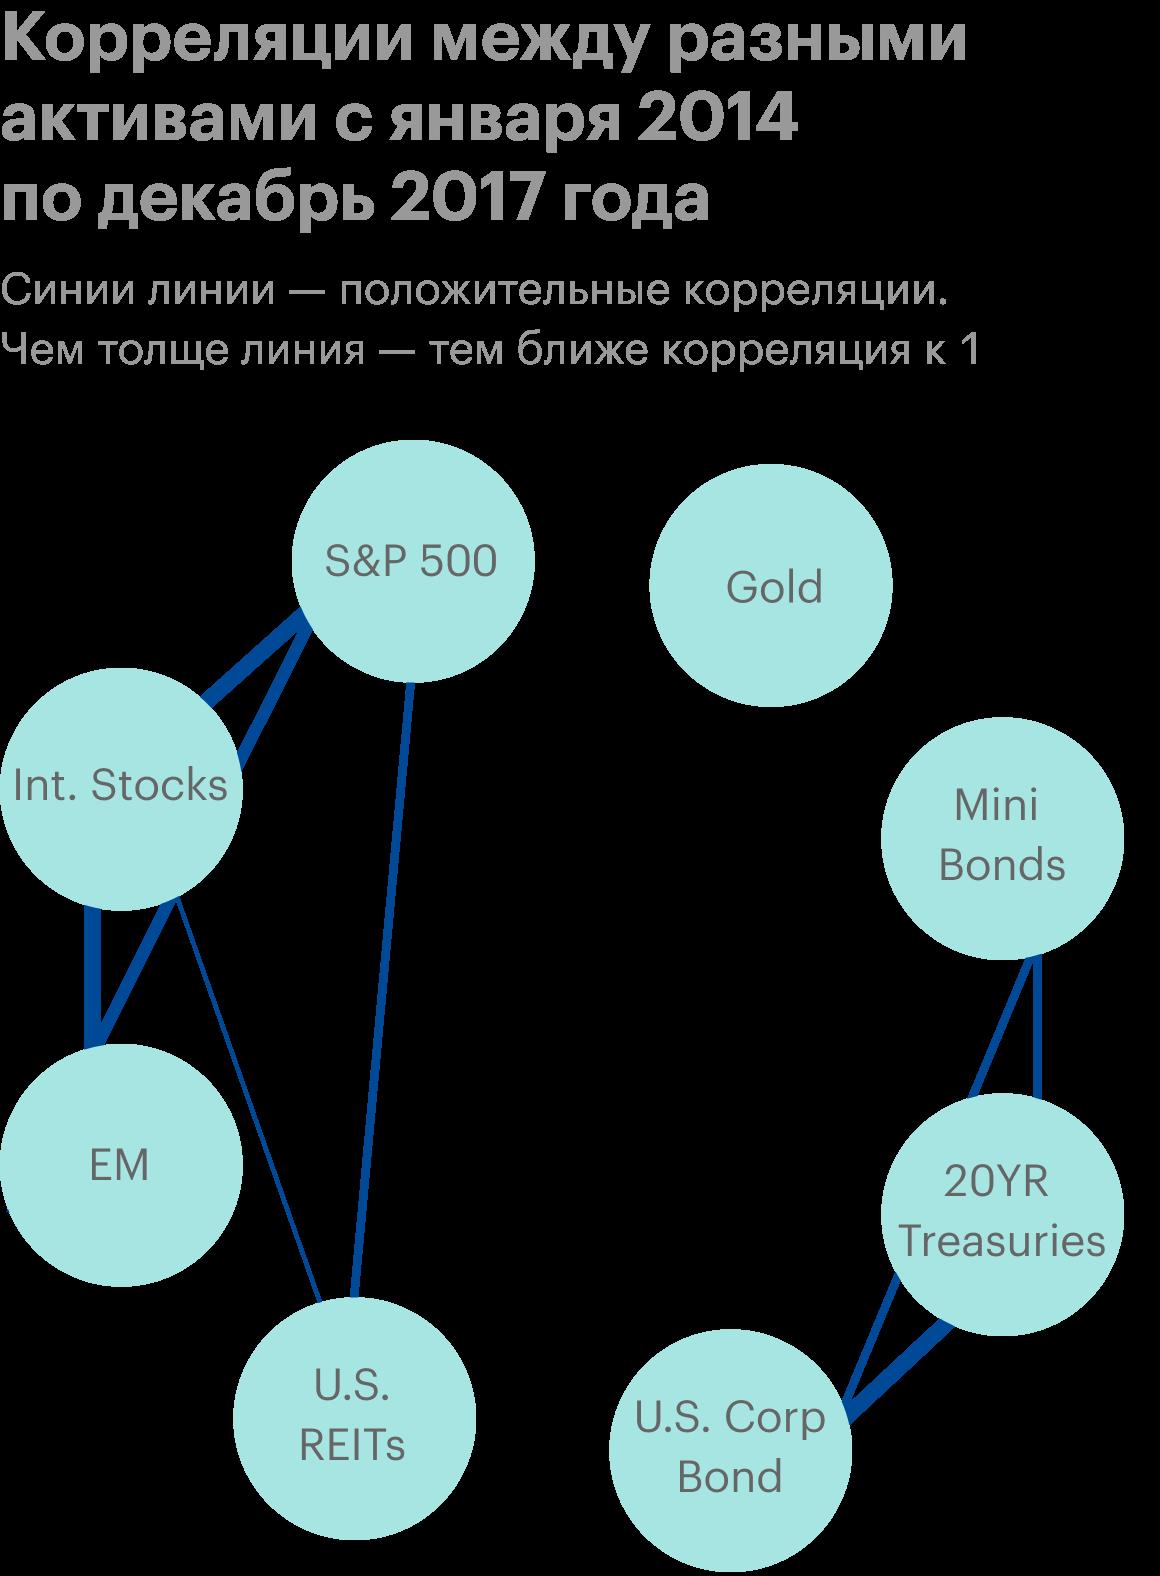 У высокорисковых и низкорисковых активов, а также золота нет явных связей — их корреляция в пределах значений от −0,5 до 0,5. На диаграмме такие связи не указаны. Корреляции выше 0,5 показаны линиями: чем толще линия, тем сильнее связь